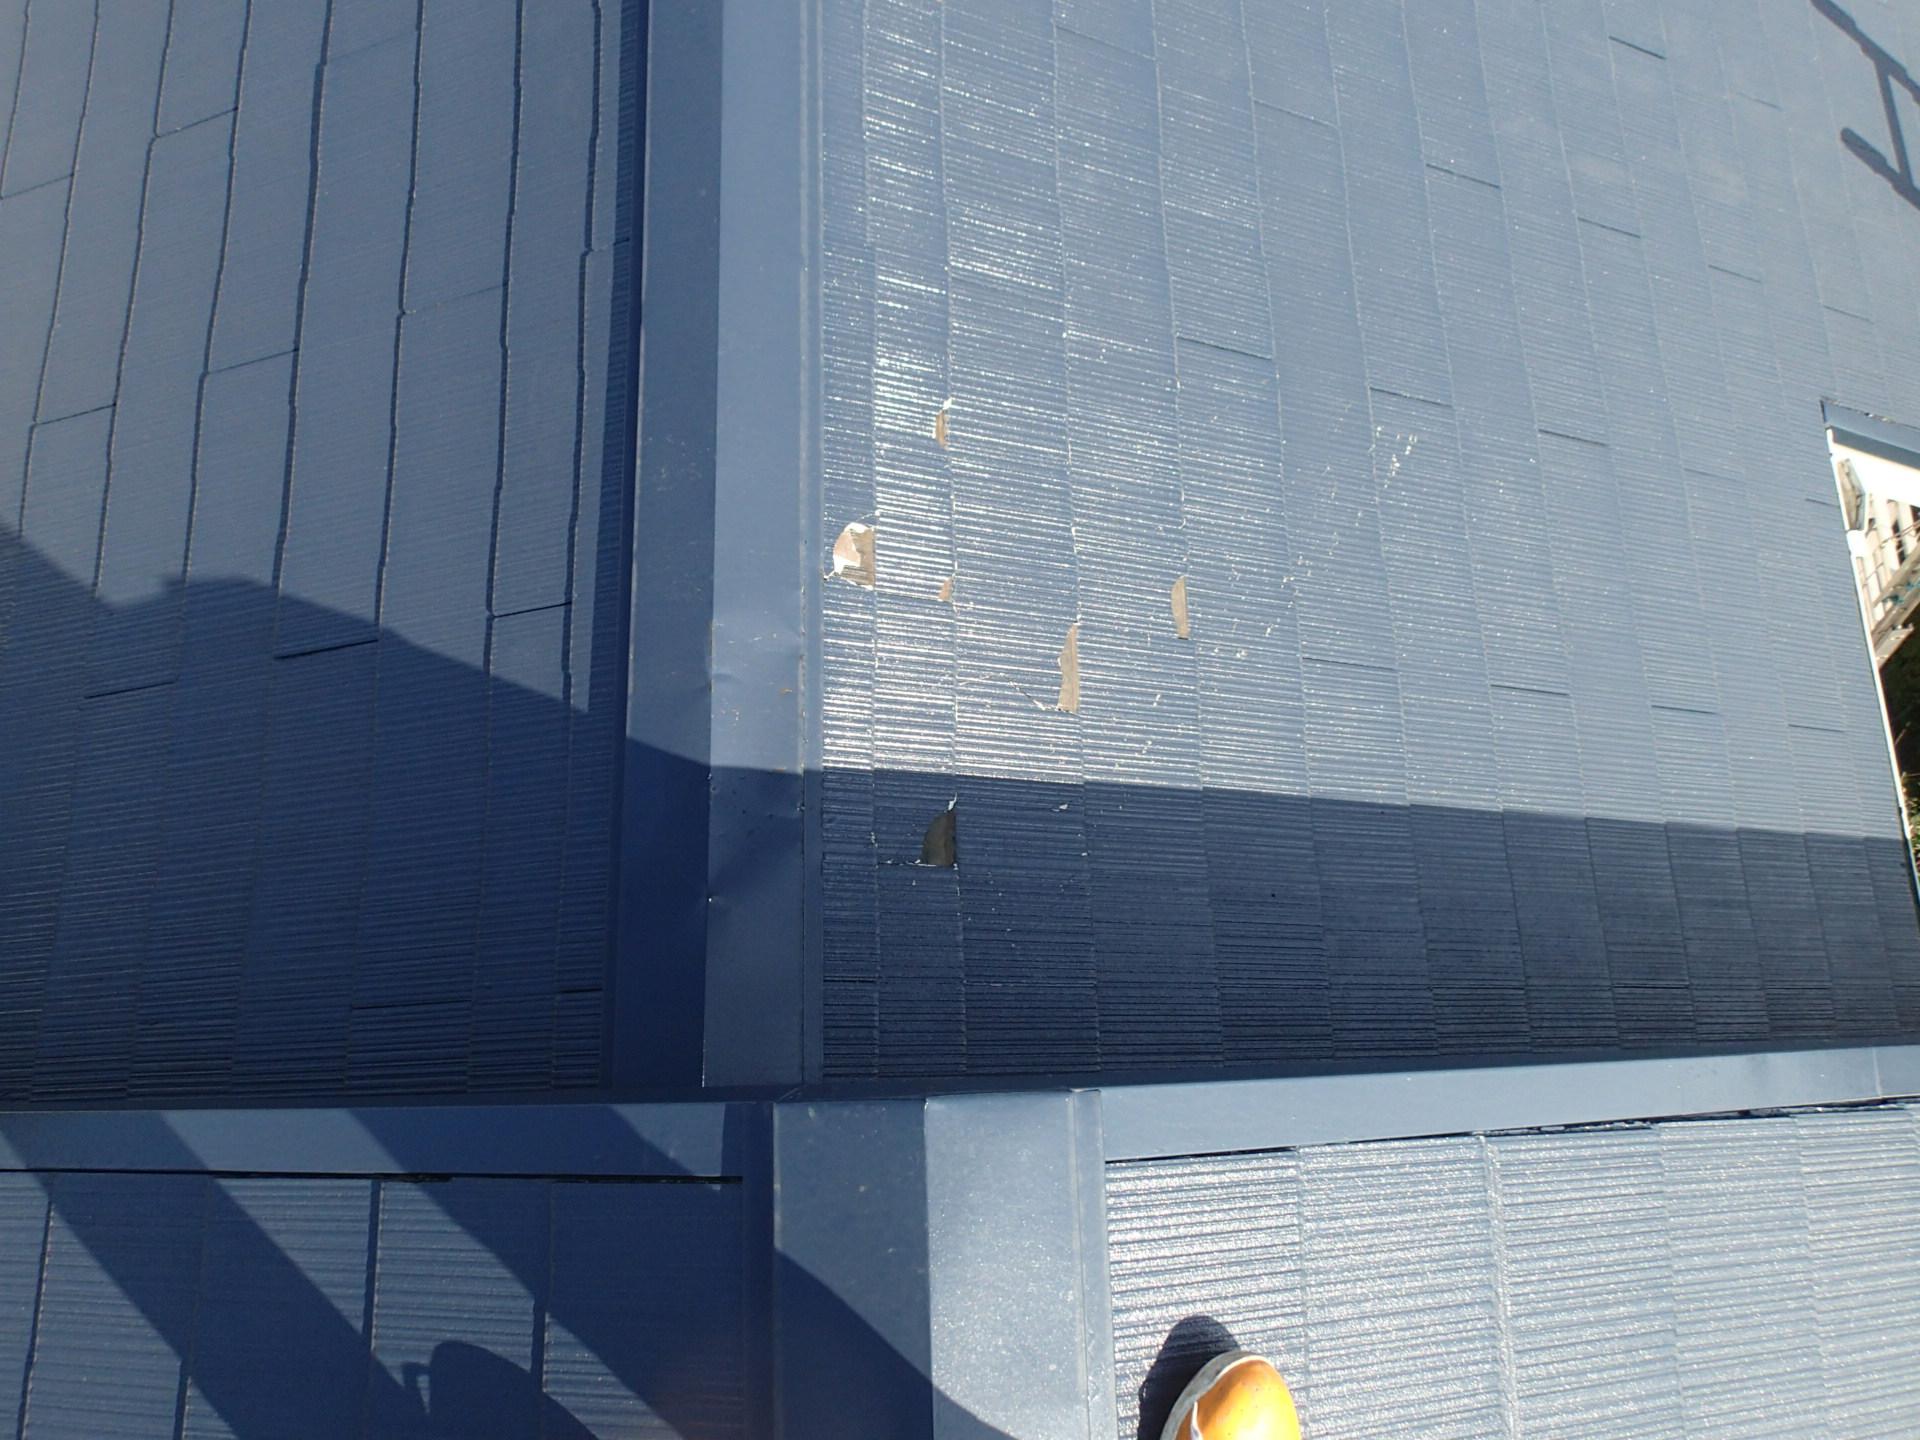 傷がついたスレート屋根